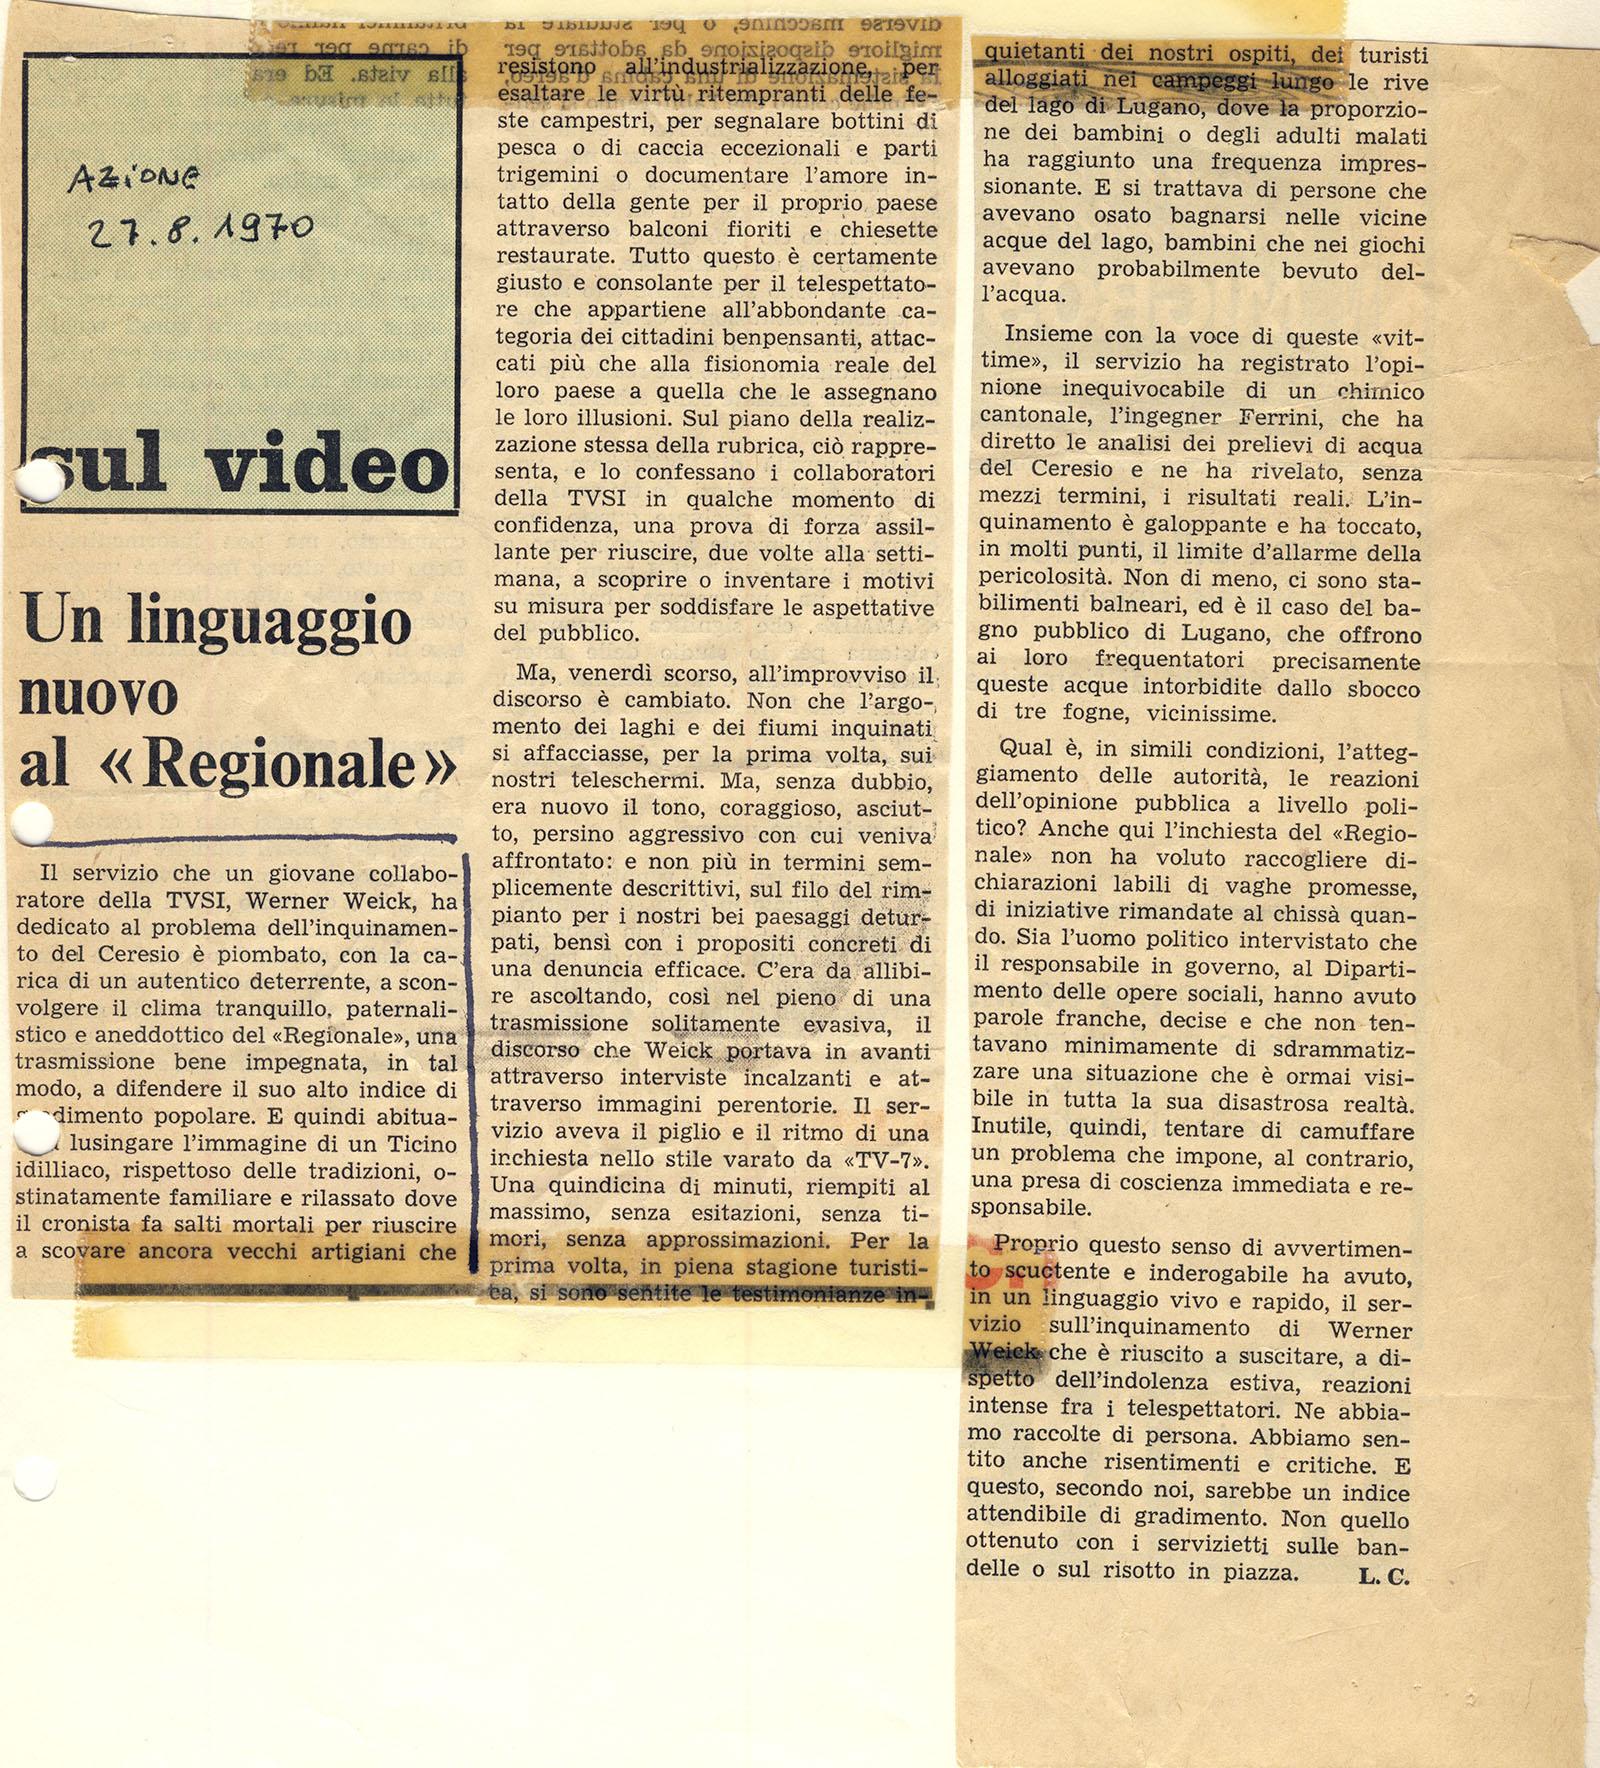 ARTICOLO REGIONALE